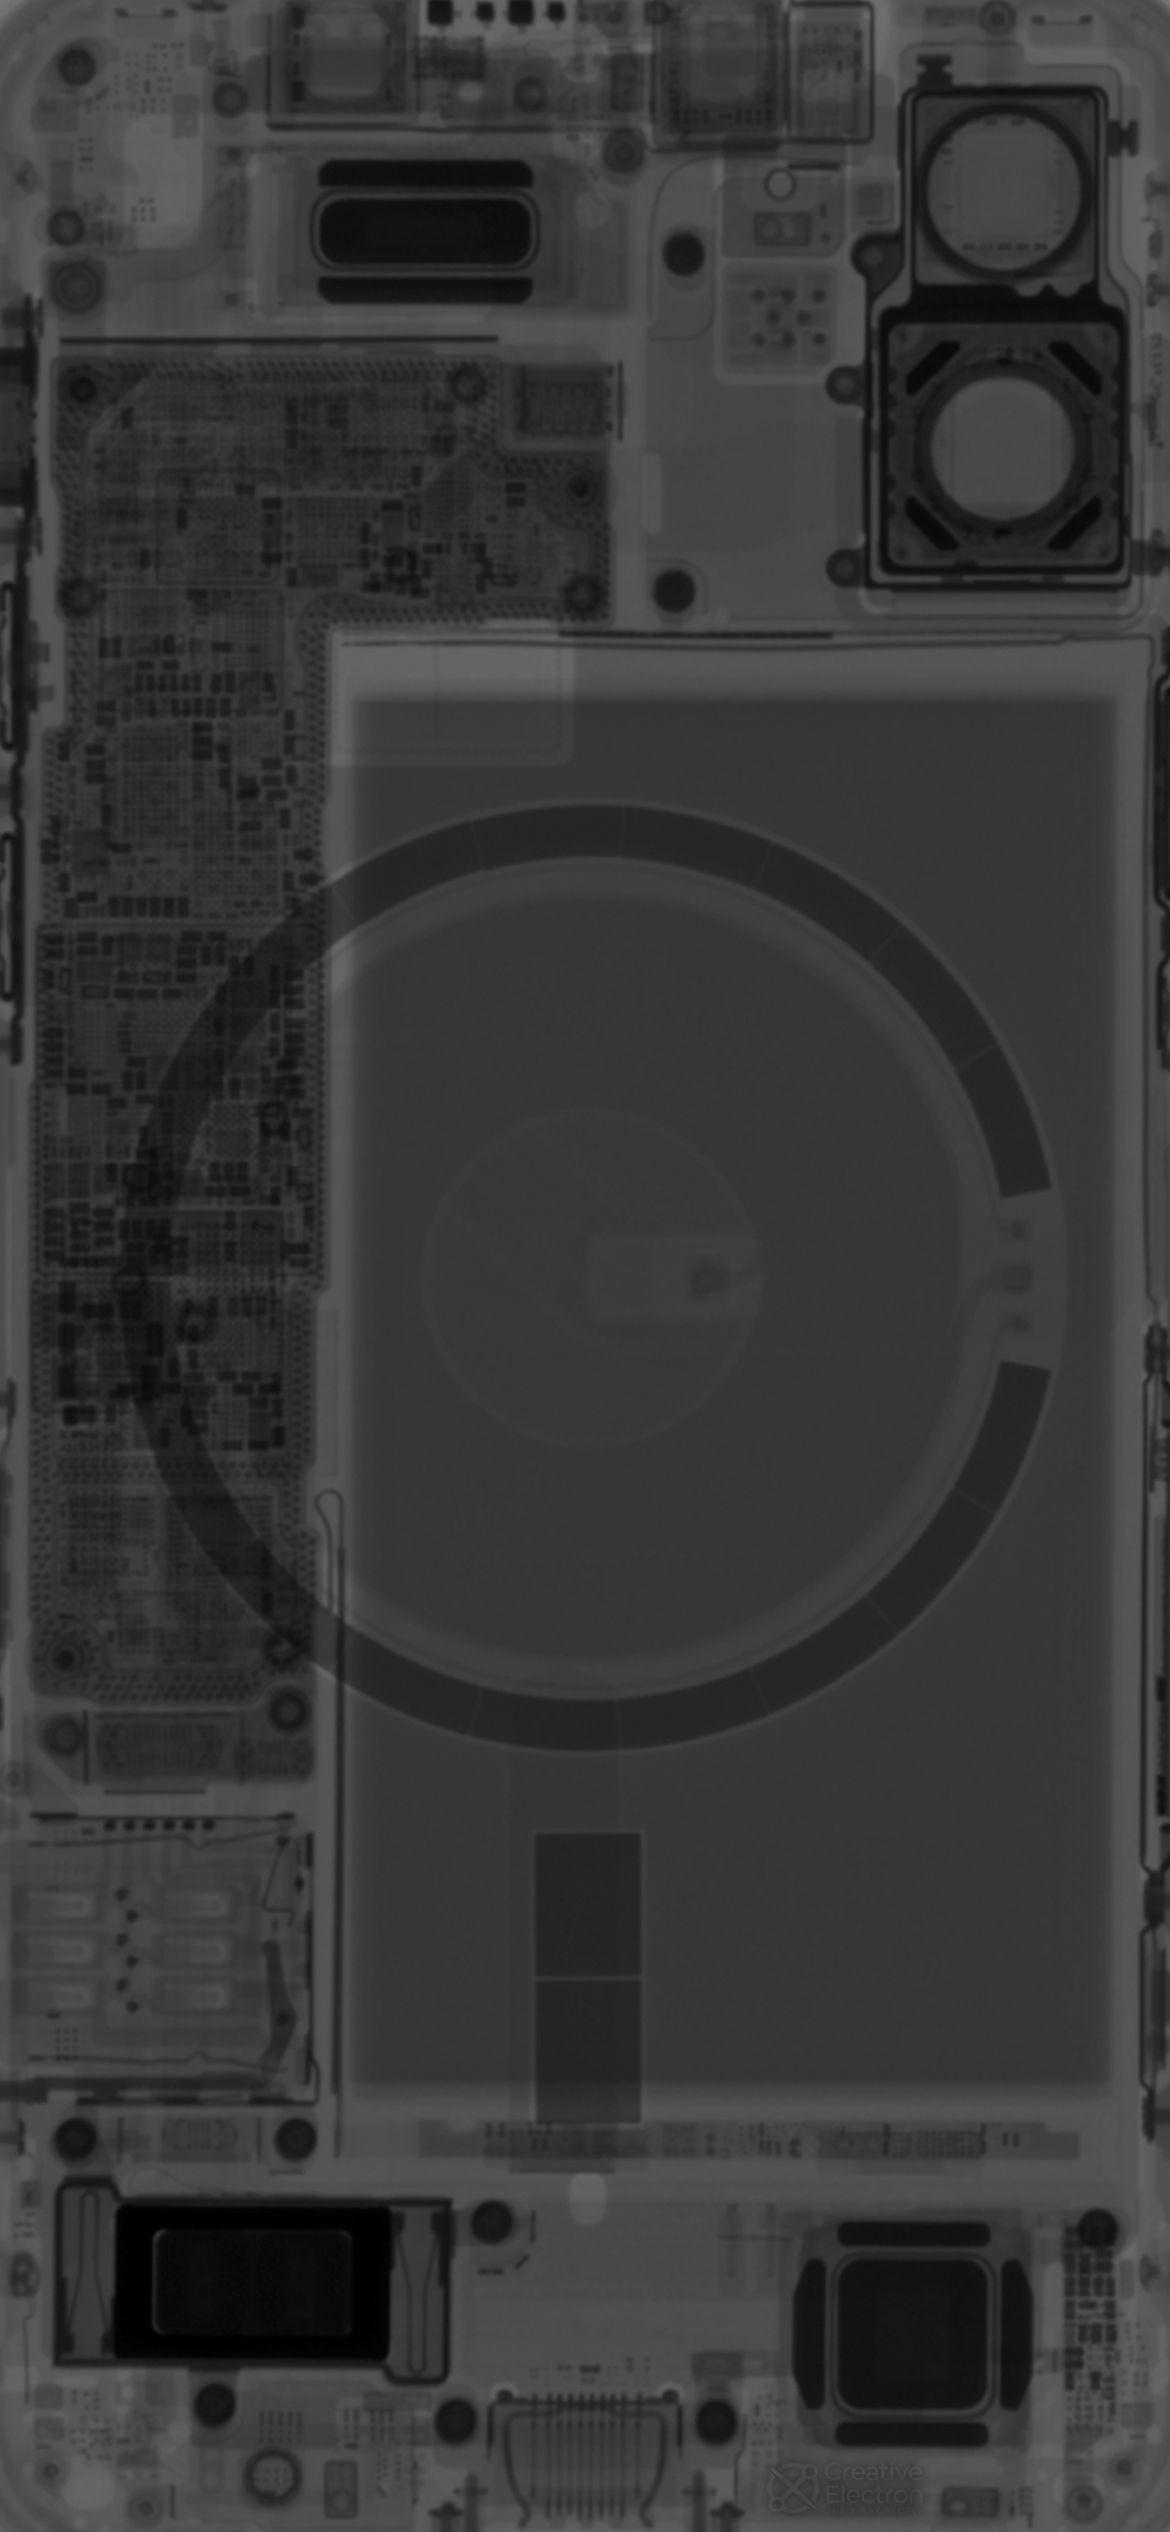 Iphone 12 Pro Max Wallpaper Transparent Wallpaper Best Iphone Wallpapers Wallpaper